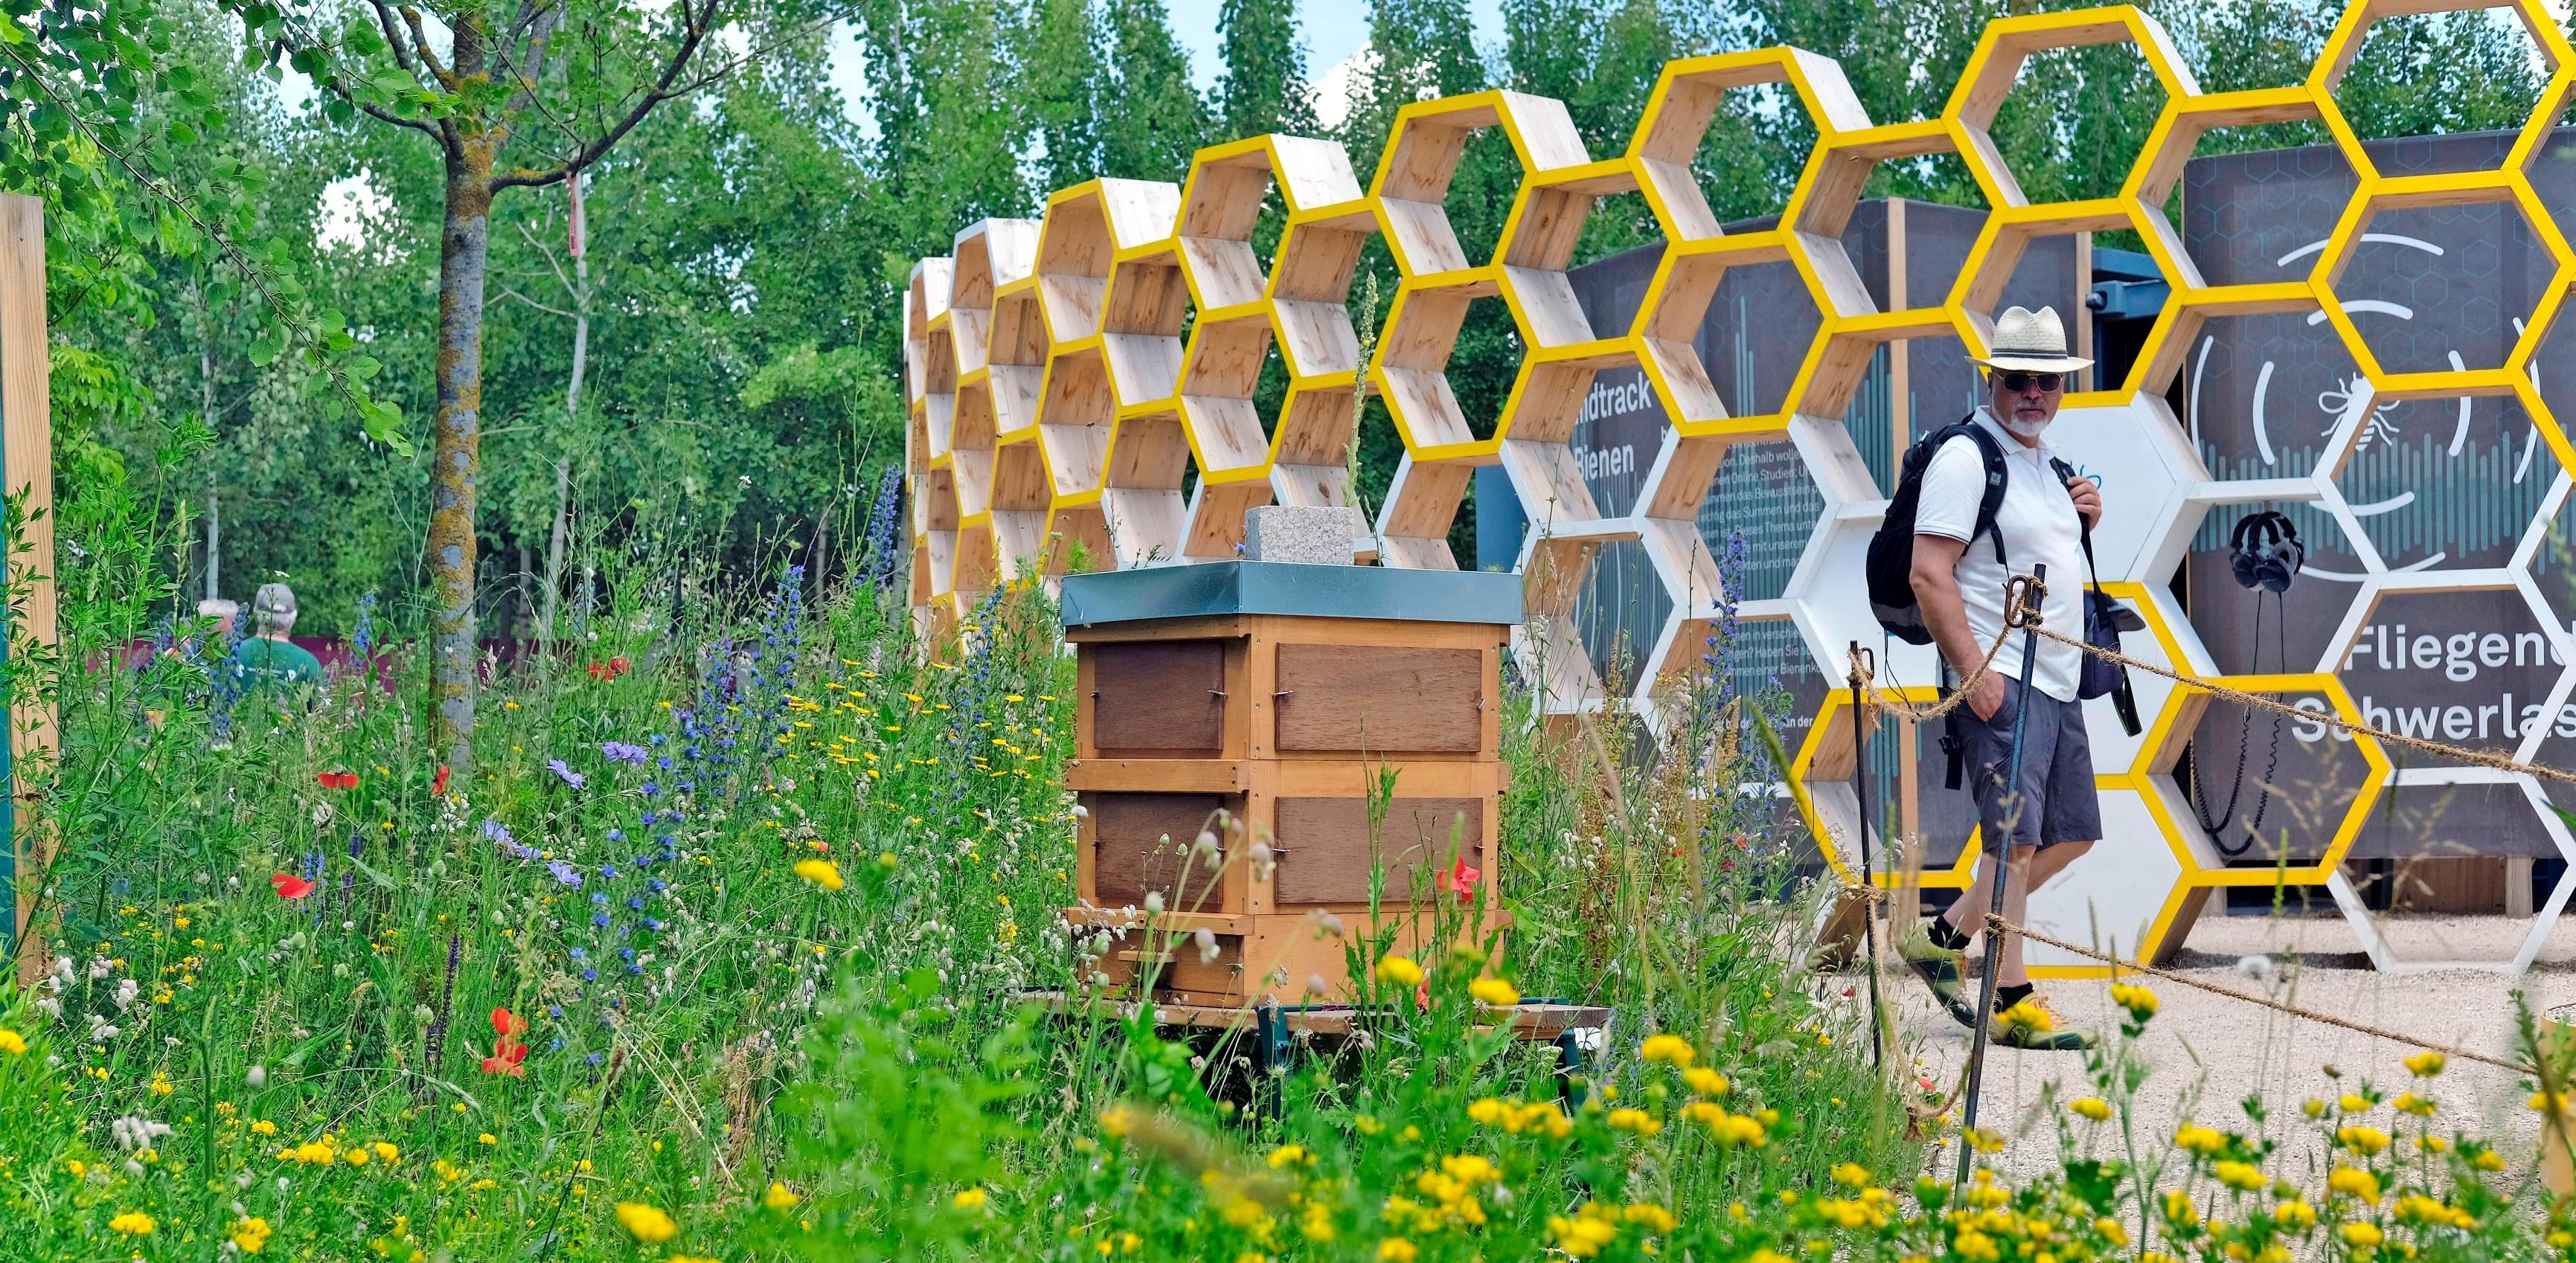 Bienengarten: Die Imker und ihre Tiere waren der Anziehungspunkt für Jung und Alt.